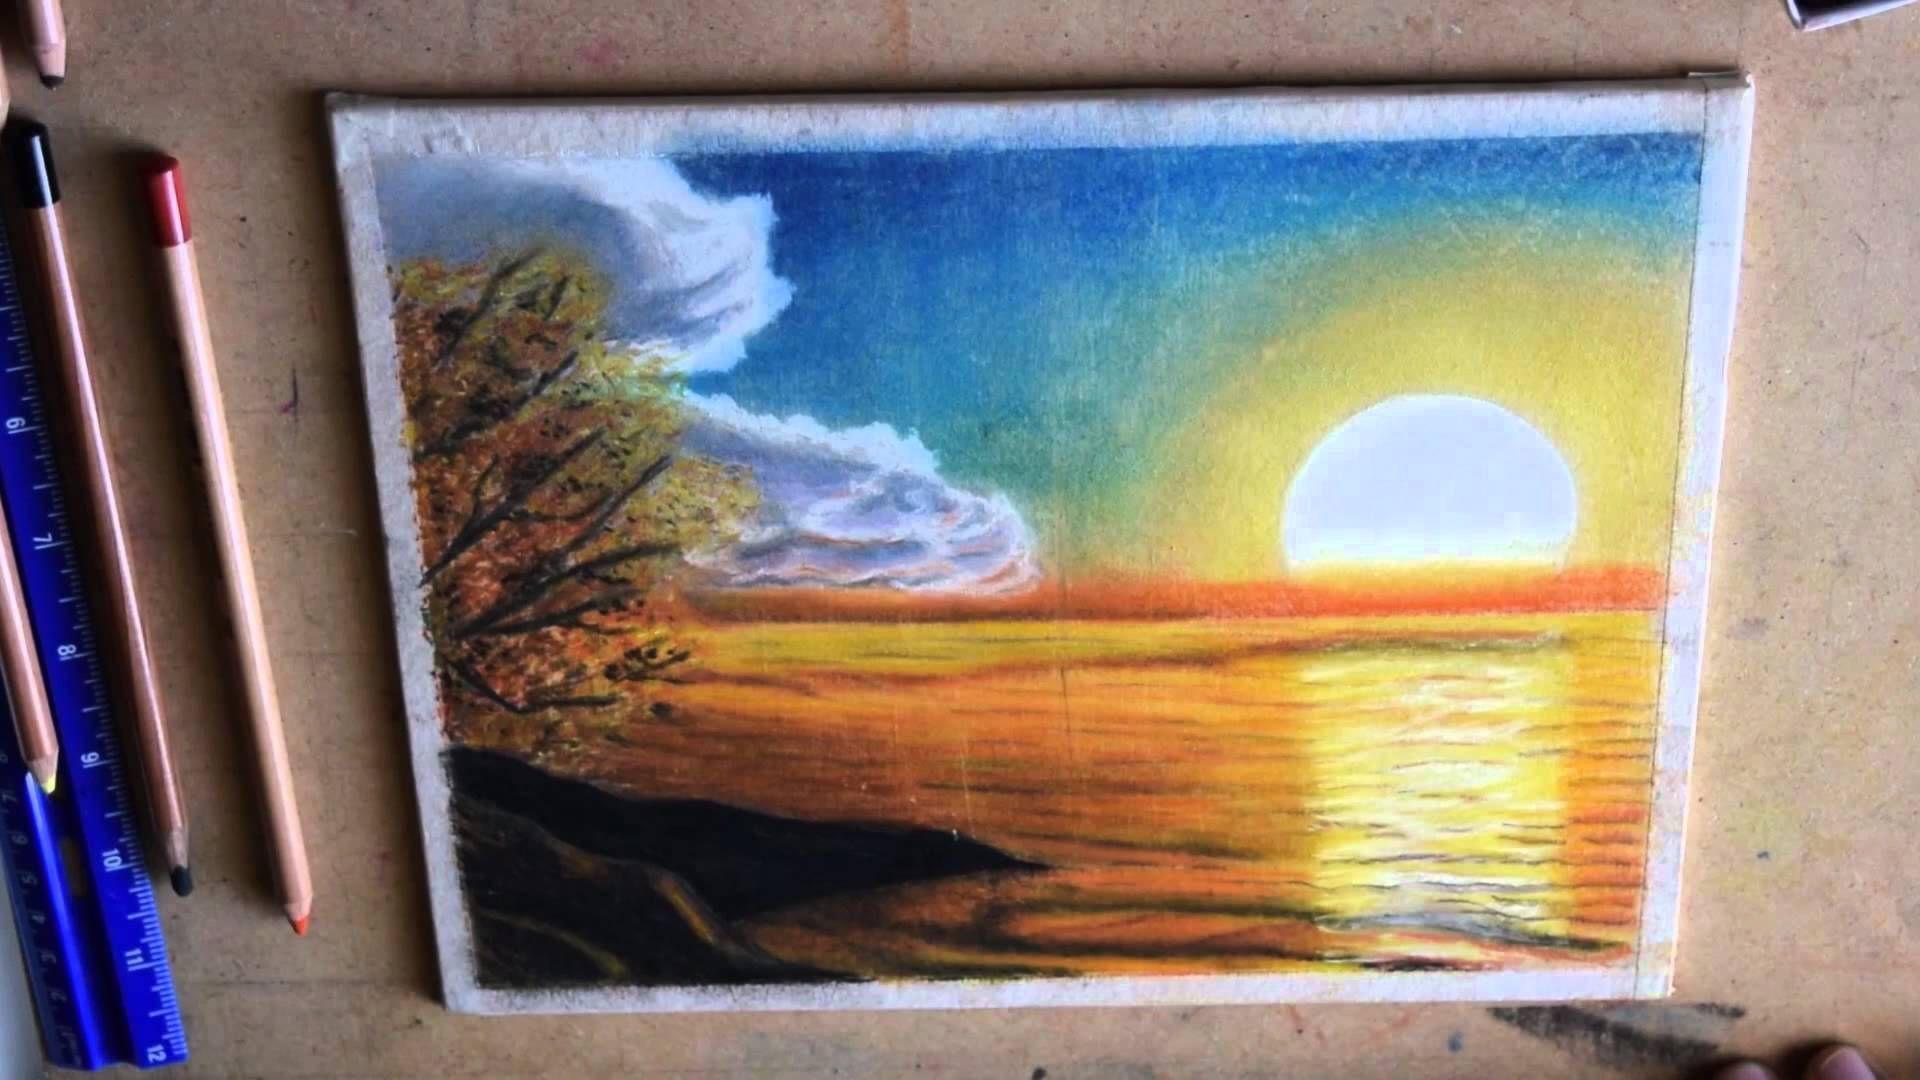 Como Pintar Un Paisaje Como Pintar Un Atardecer Como Pintar Paisajes Producción Artística Como Pintar